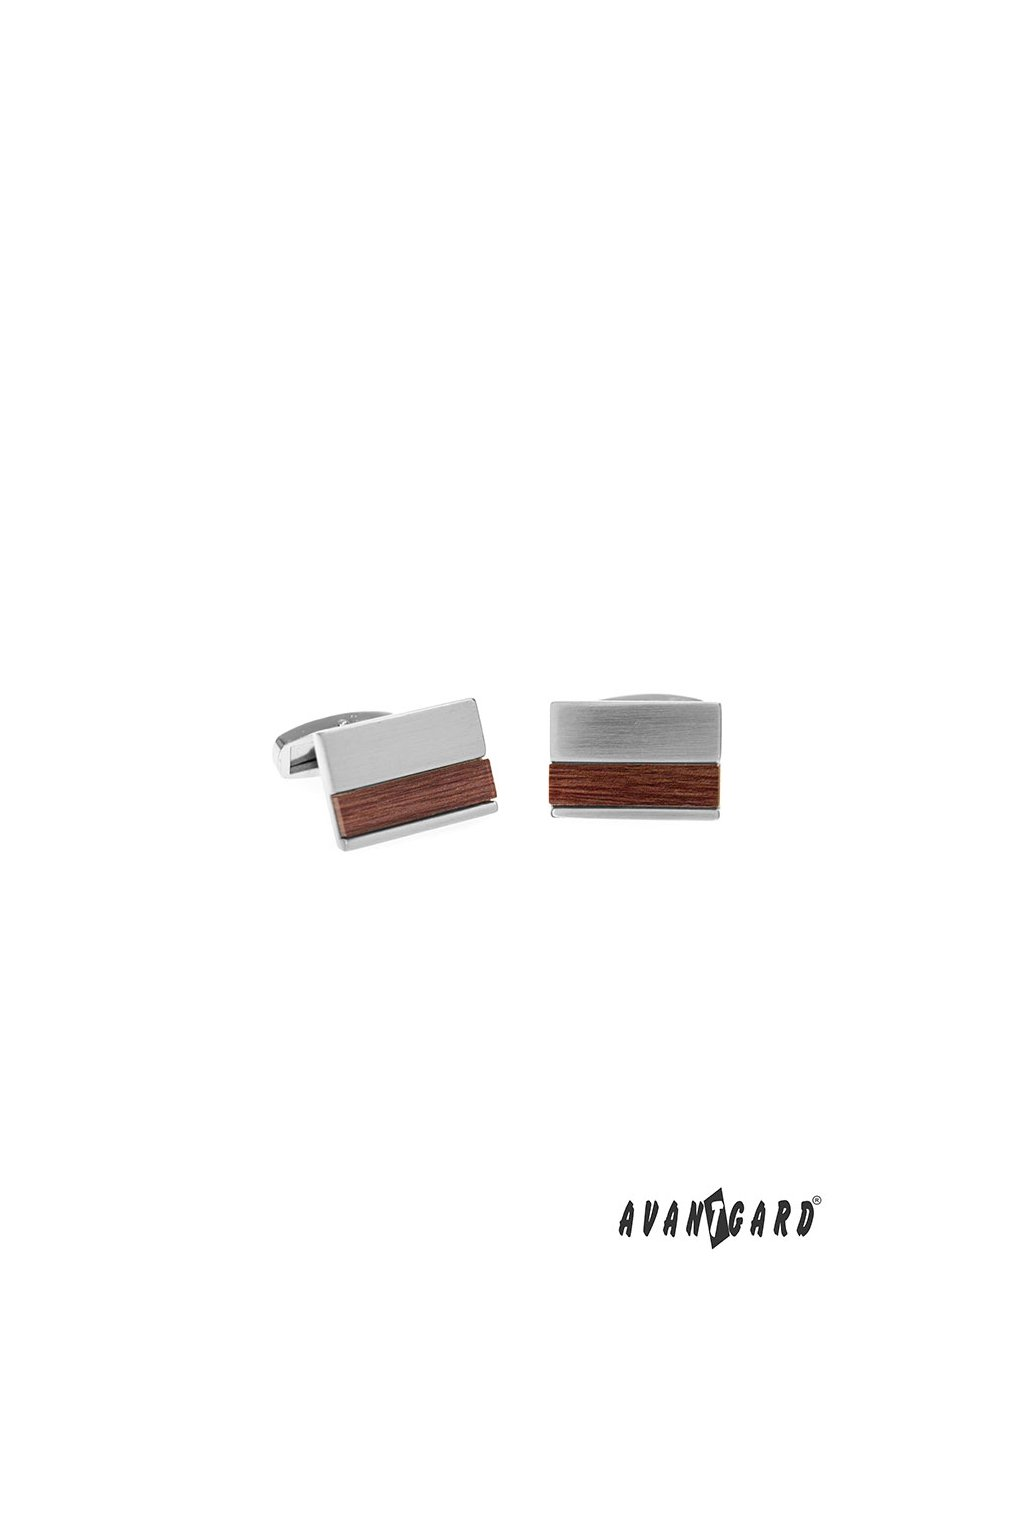 Manžetové knoflíčky PREMIUM, 573-20777, Stříbrná lesk/hnědá